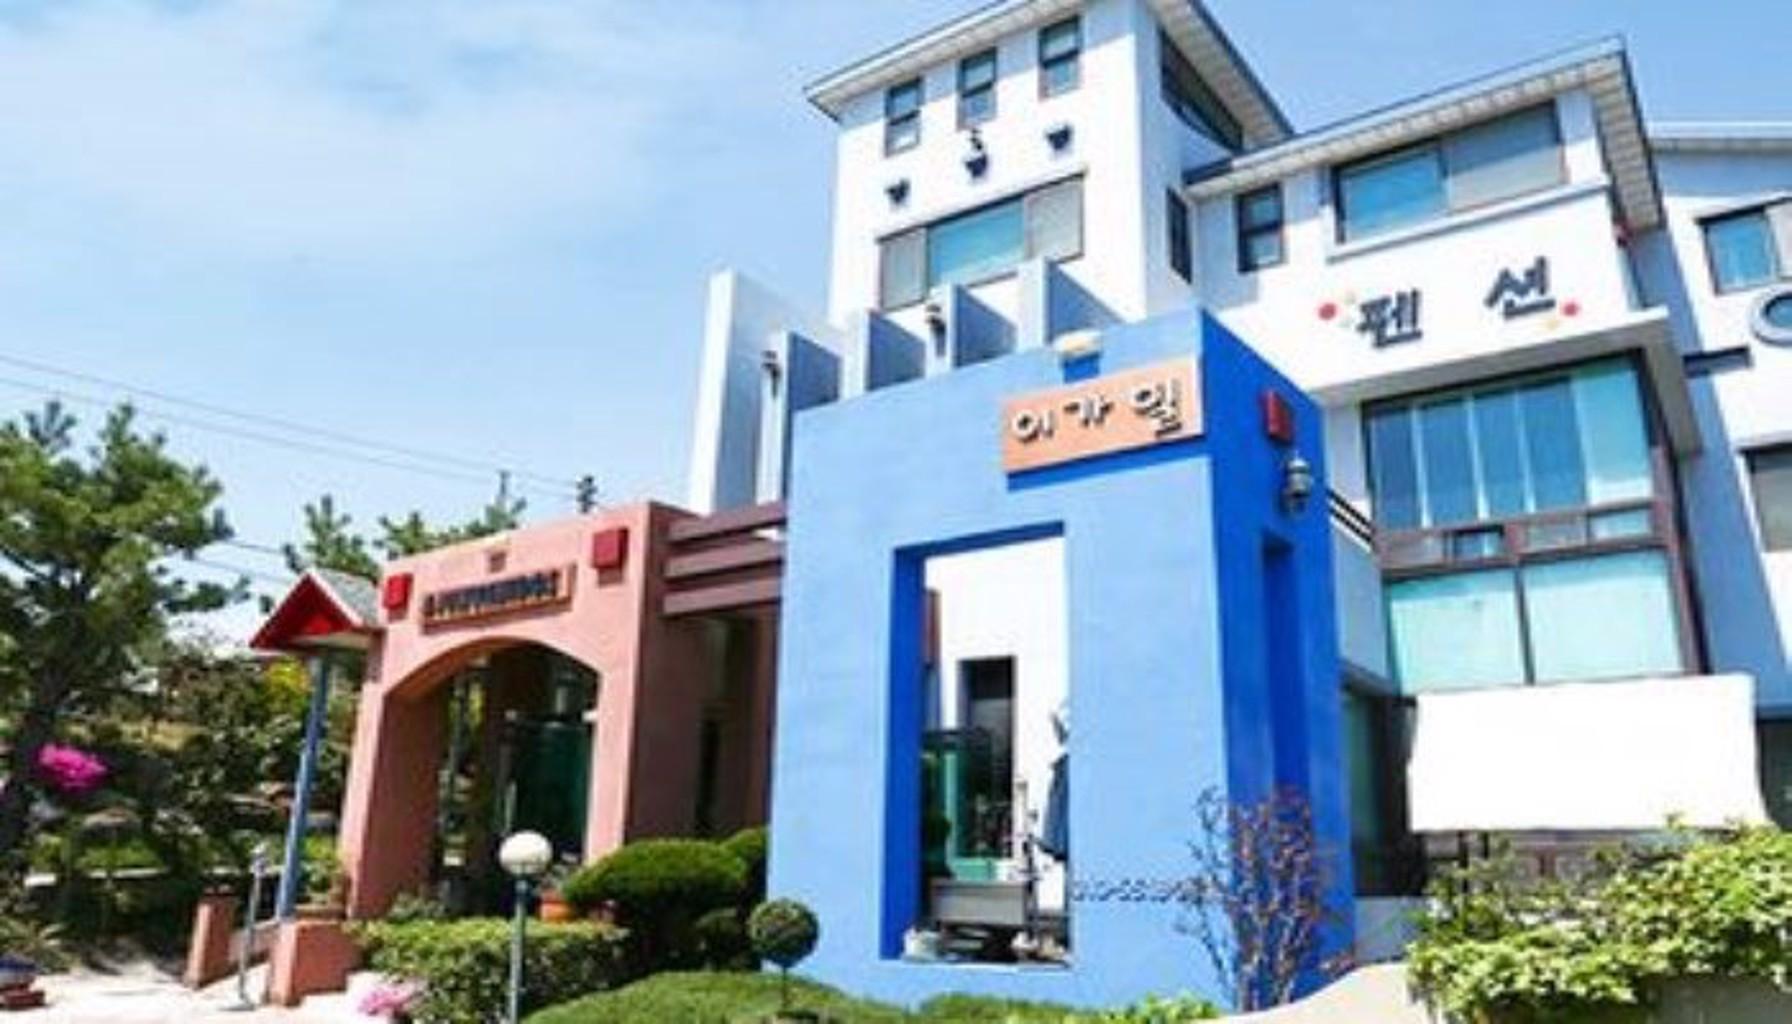 Pohang Yiga Hill Pension